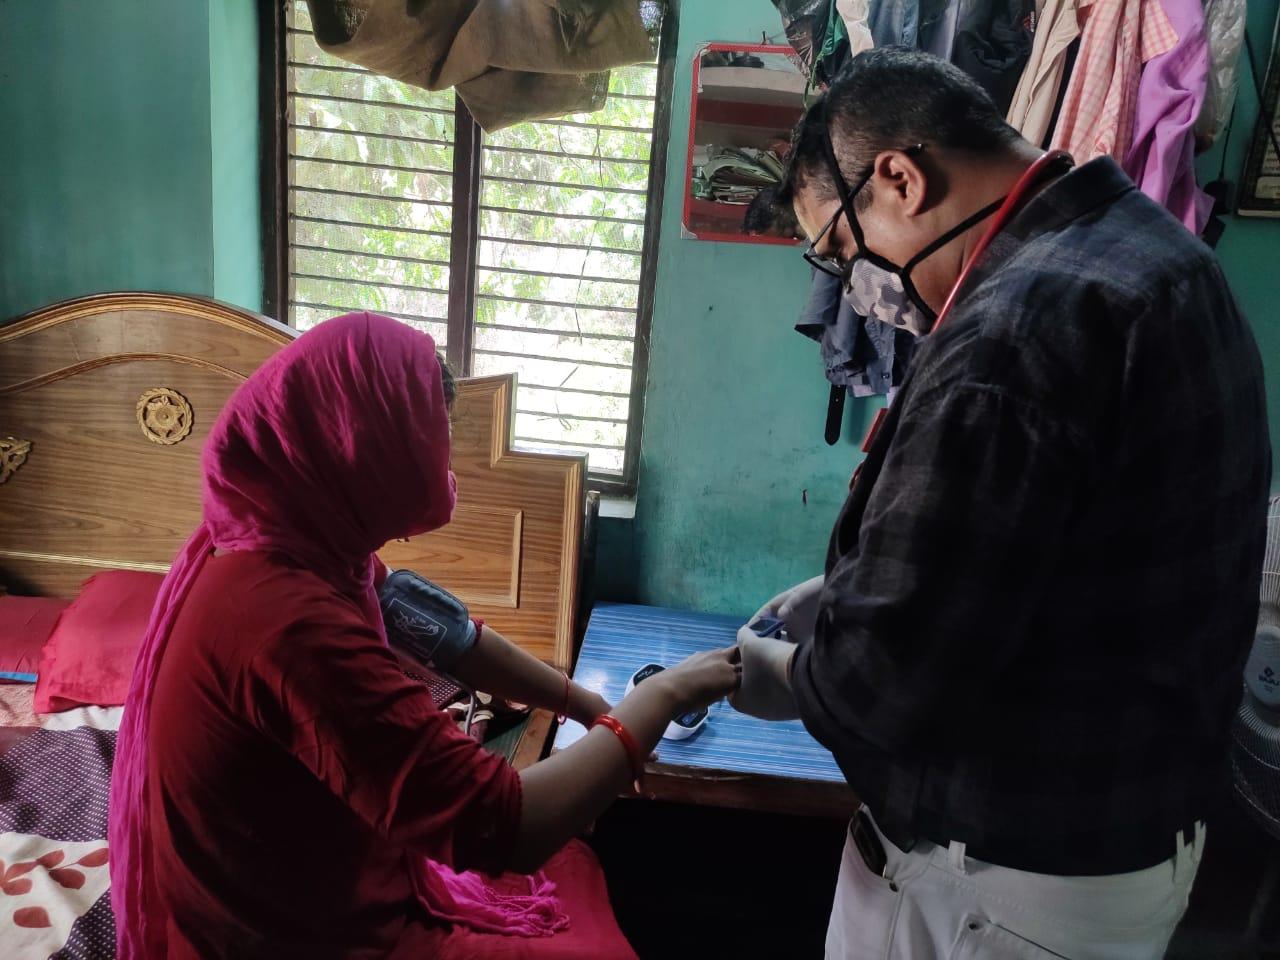 जिलाधिकारी के निर्देश पर गठित पीएचसी की चार टीमों ने घर-घर जाकर 18 लोगो को उपाचार कर कोविंड संक्रमण मरीजो को किया मुक्त